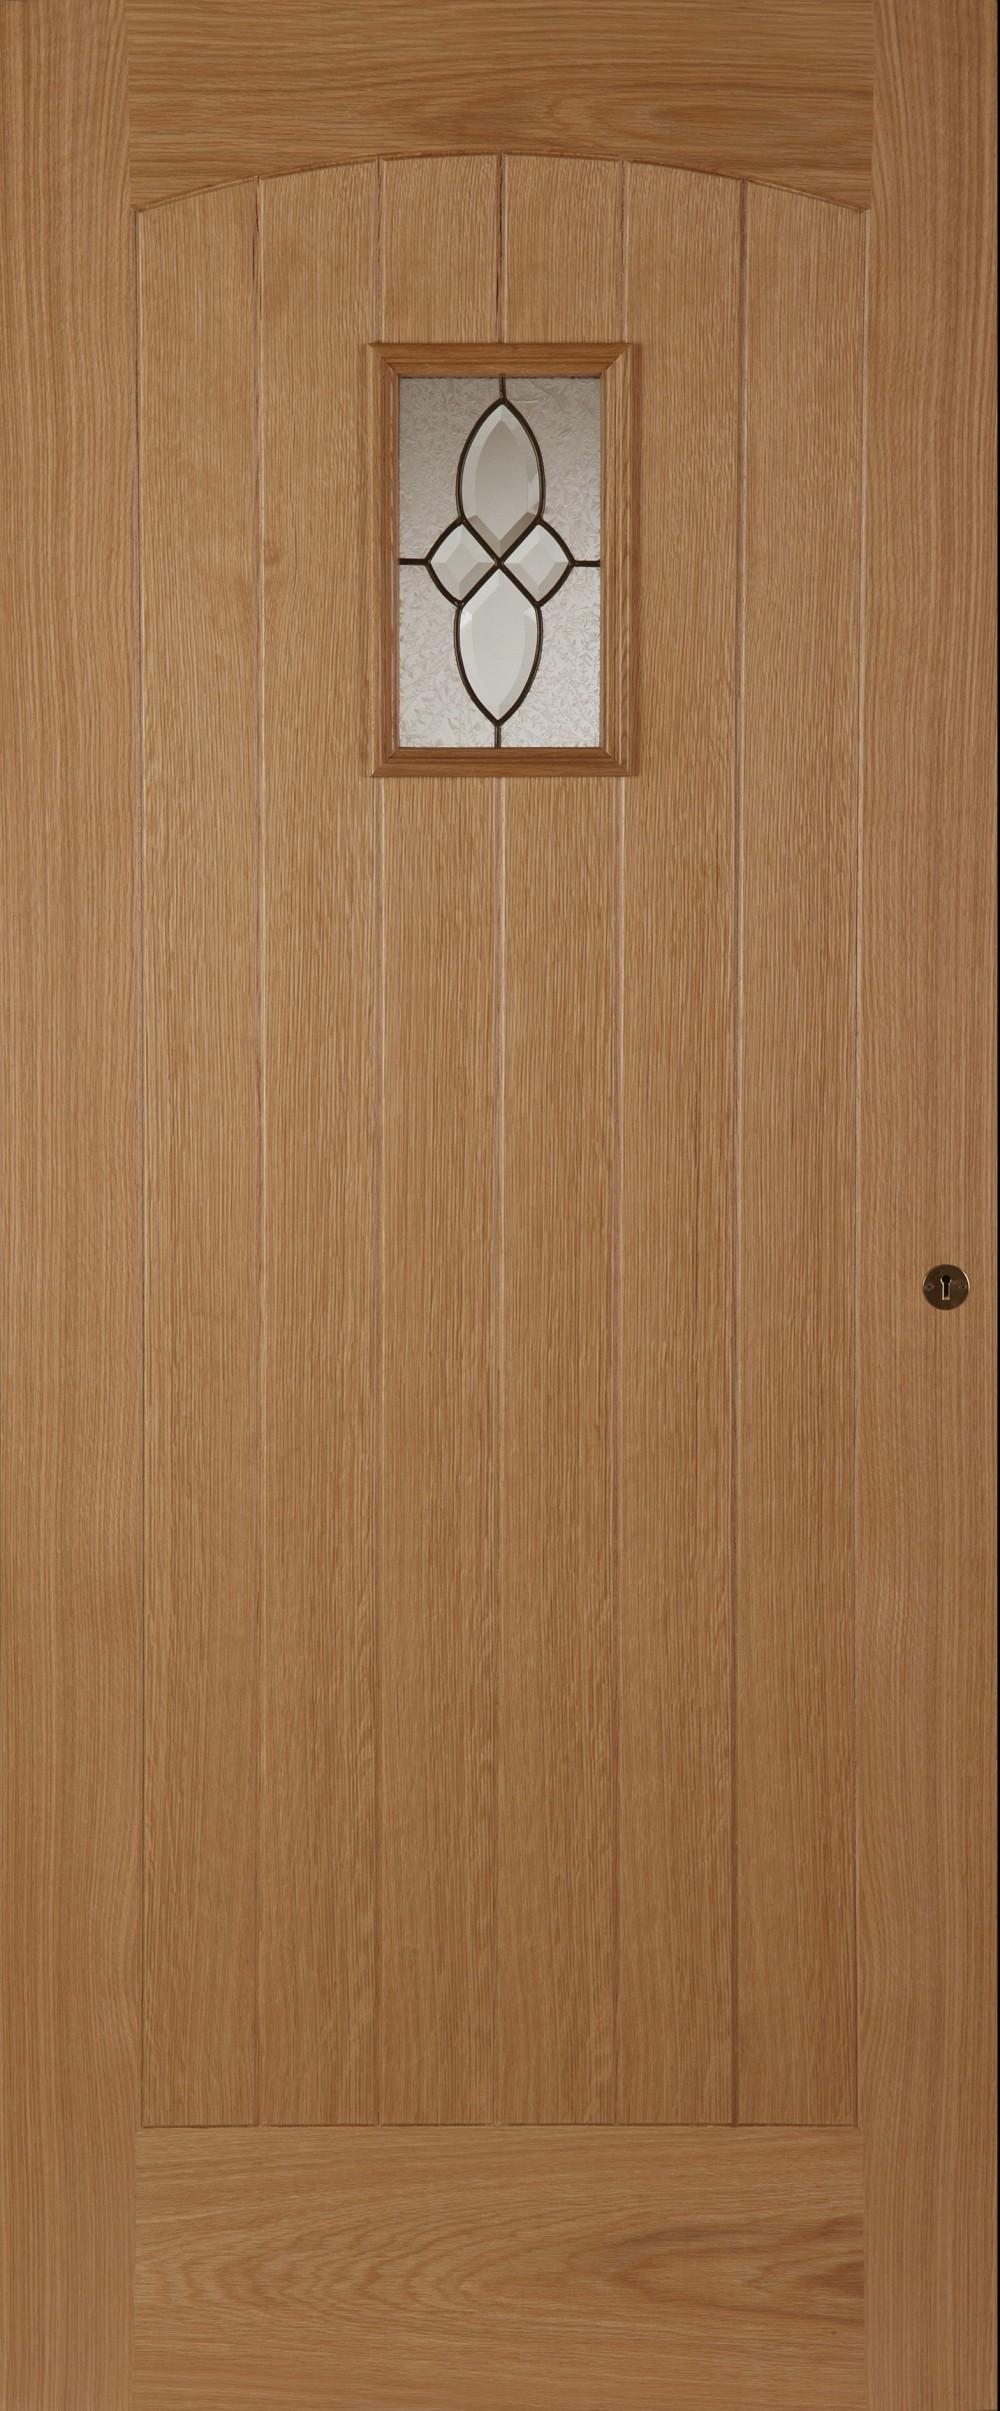 Oak Cottage Triple Glazed External Door Trading Doors